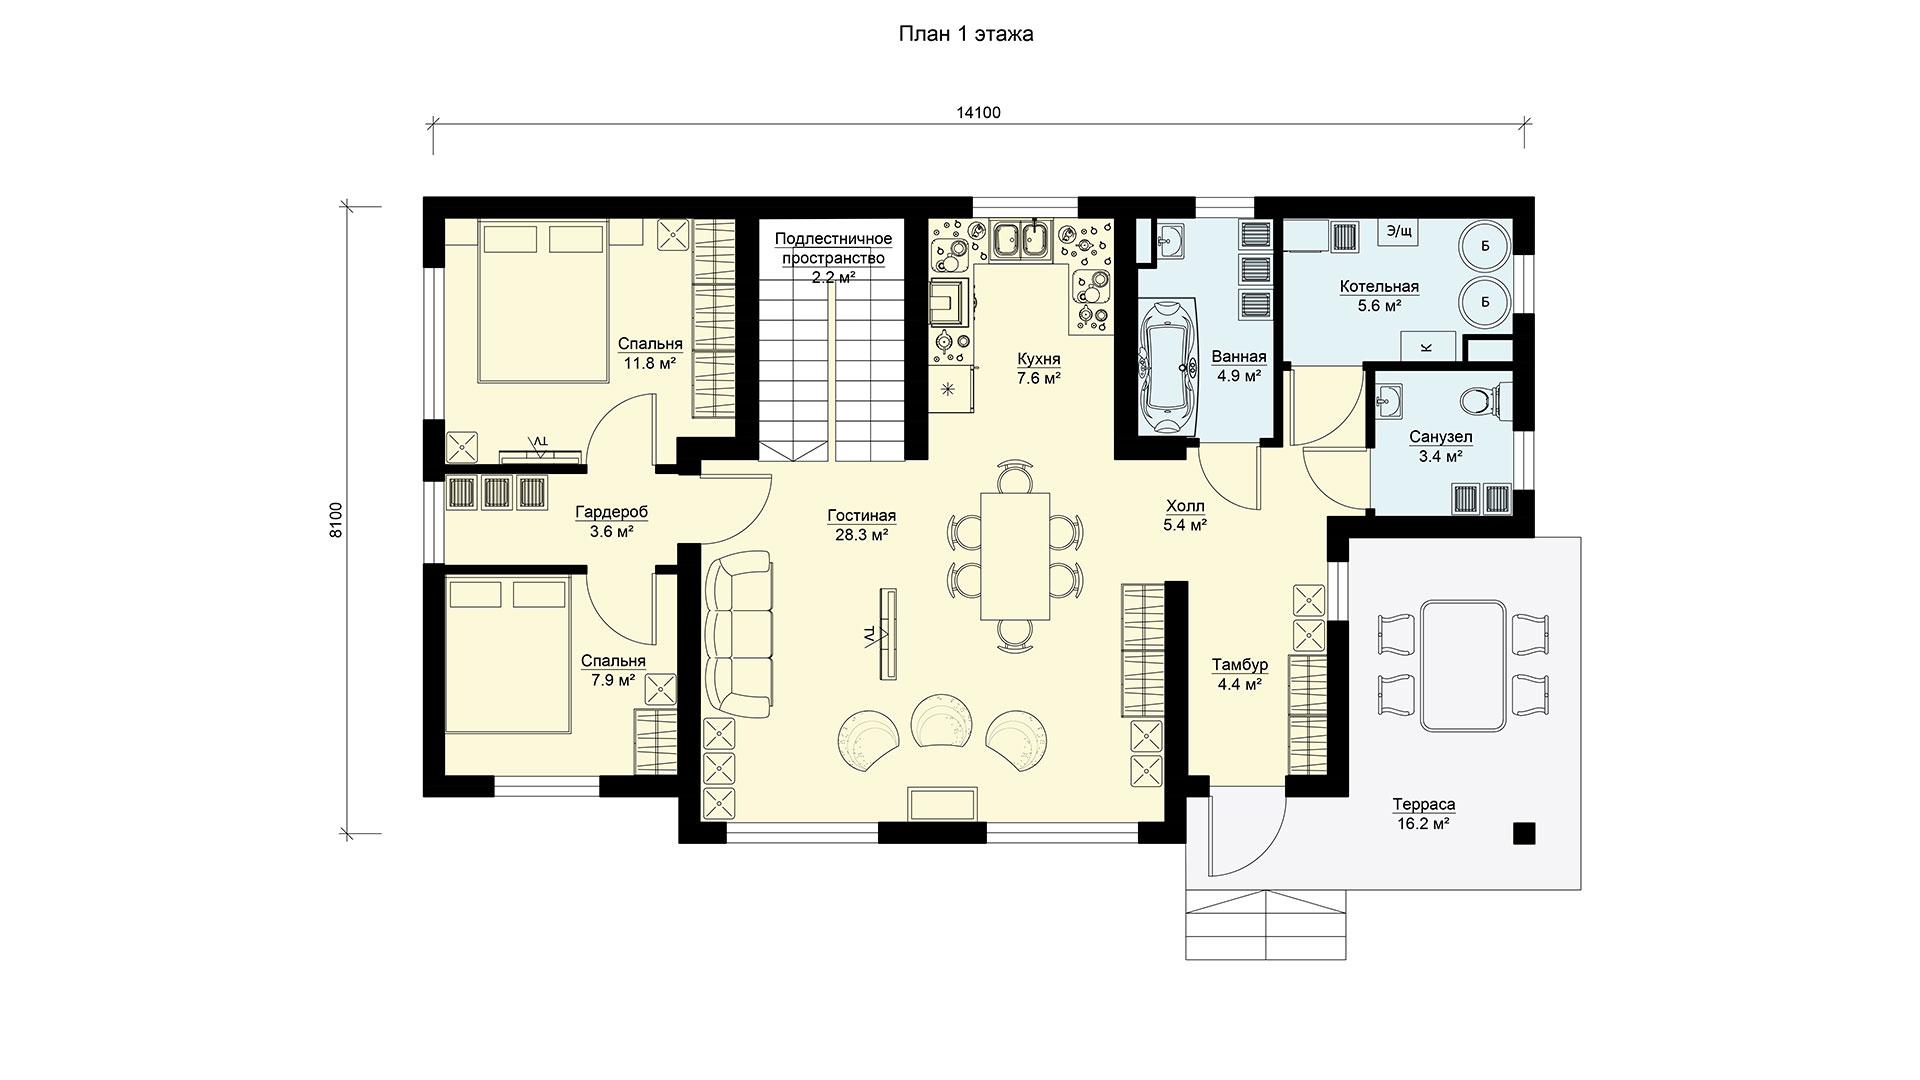 Планировка первого этажа проекта дачного дома БП-143.